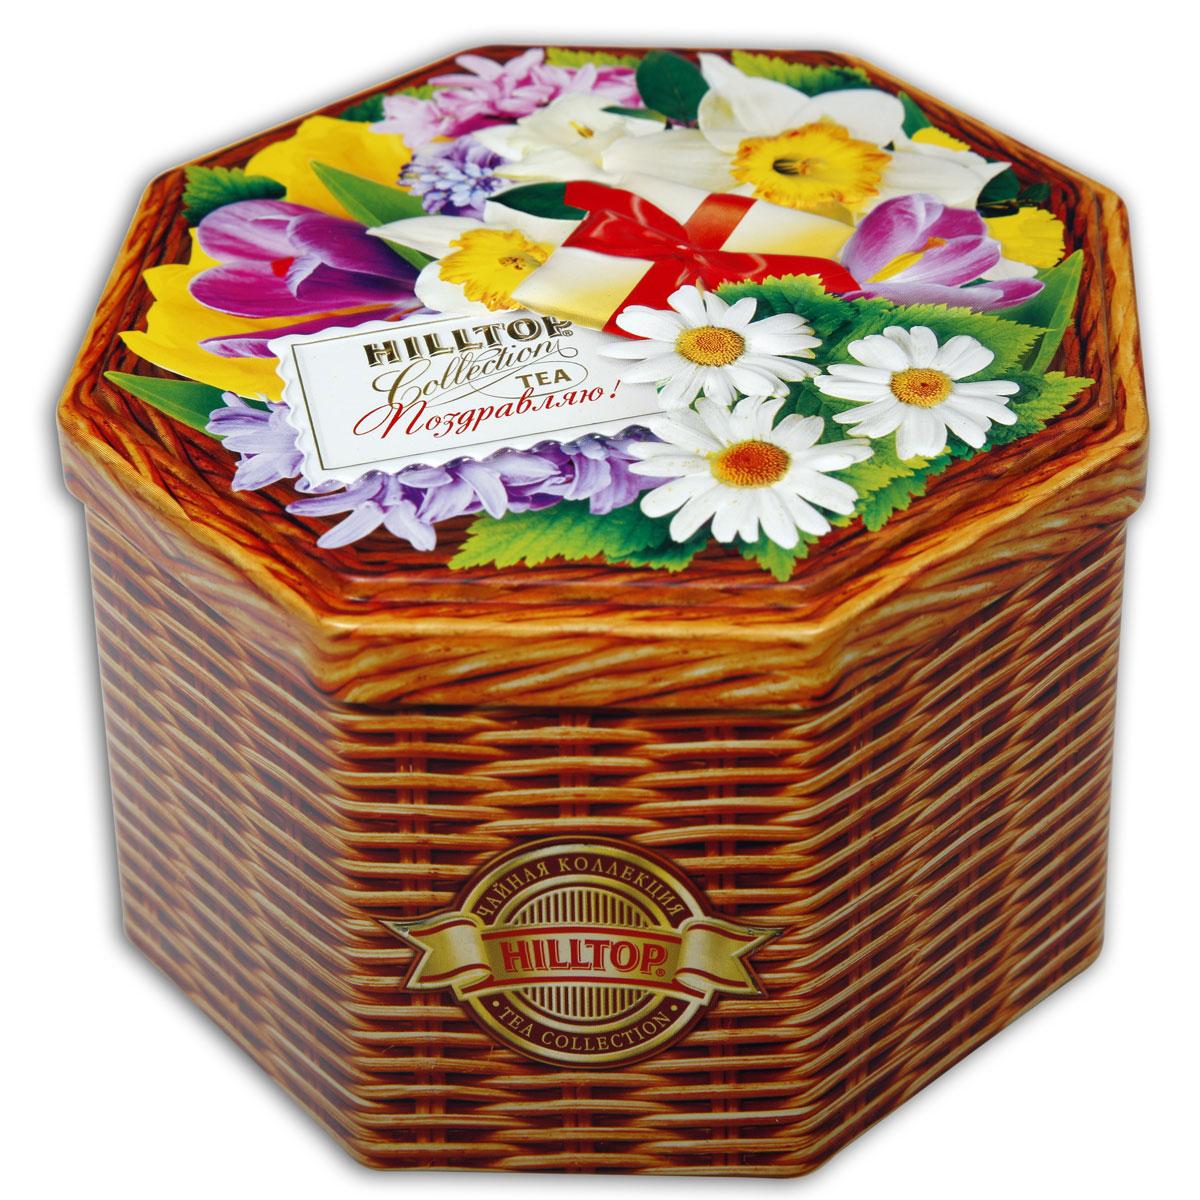 Hilltop Праздничный черный листовой чай, 150 г4607099302556Праздничный - крупнолистовой черный чай в сочетании с цветами календулы и василька спрятан в подарочной упаковке чая Hilltop в виде корзины с цветами. Смесь содержит сладкие цукаты манго и банана, и своим фруктовым ароматом согреет вас зимними вечерами. Необычный дизайн упаковки позволит украсить ваш дом или просто подарить ее близким на праздник!